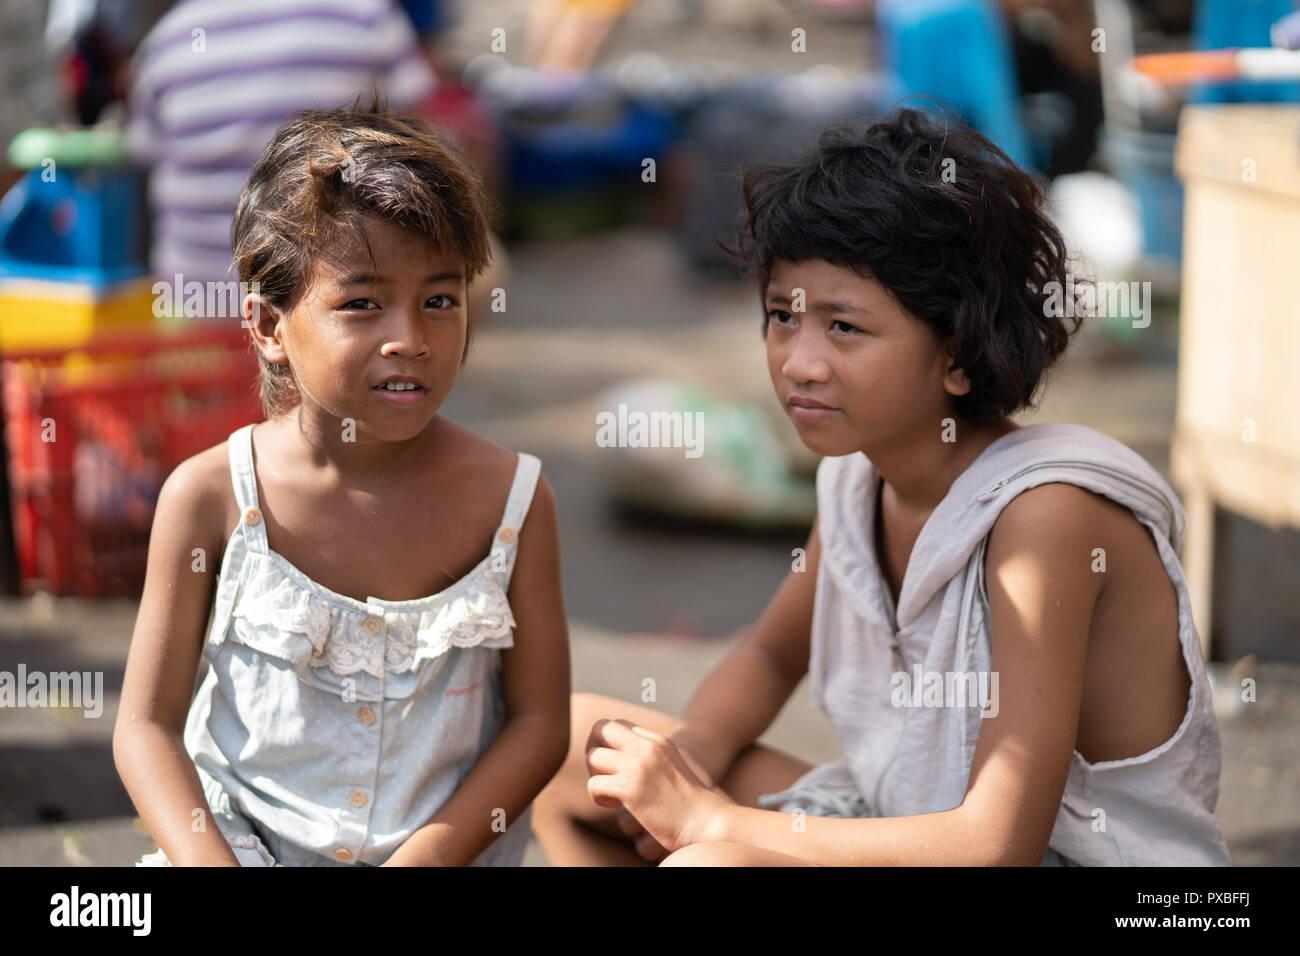 young philipino girls